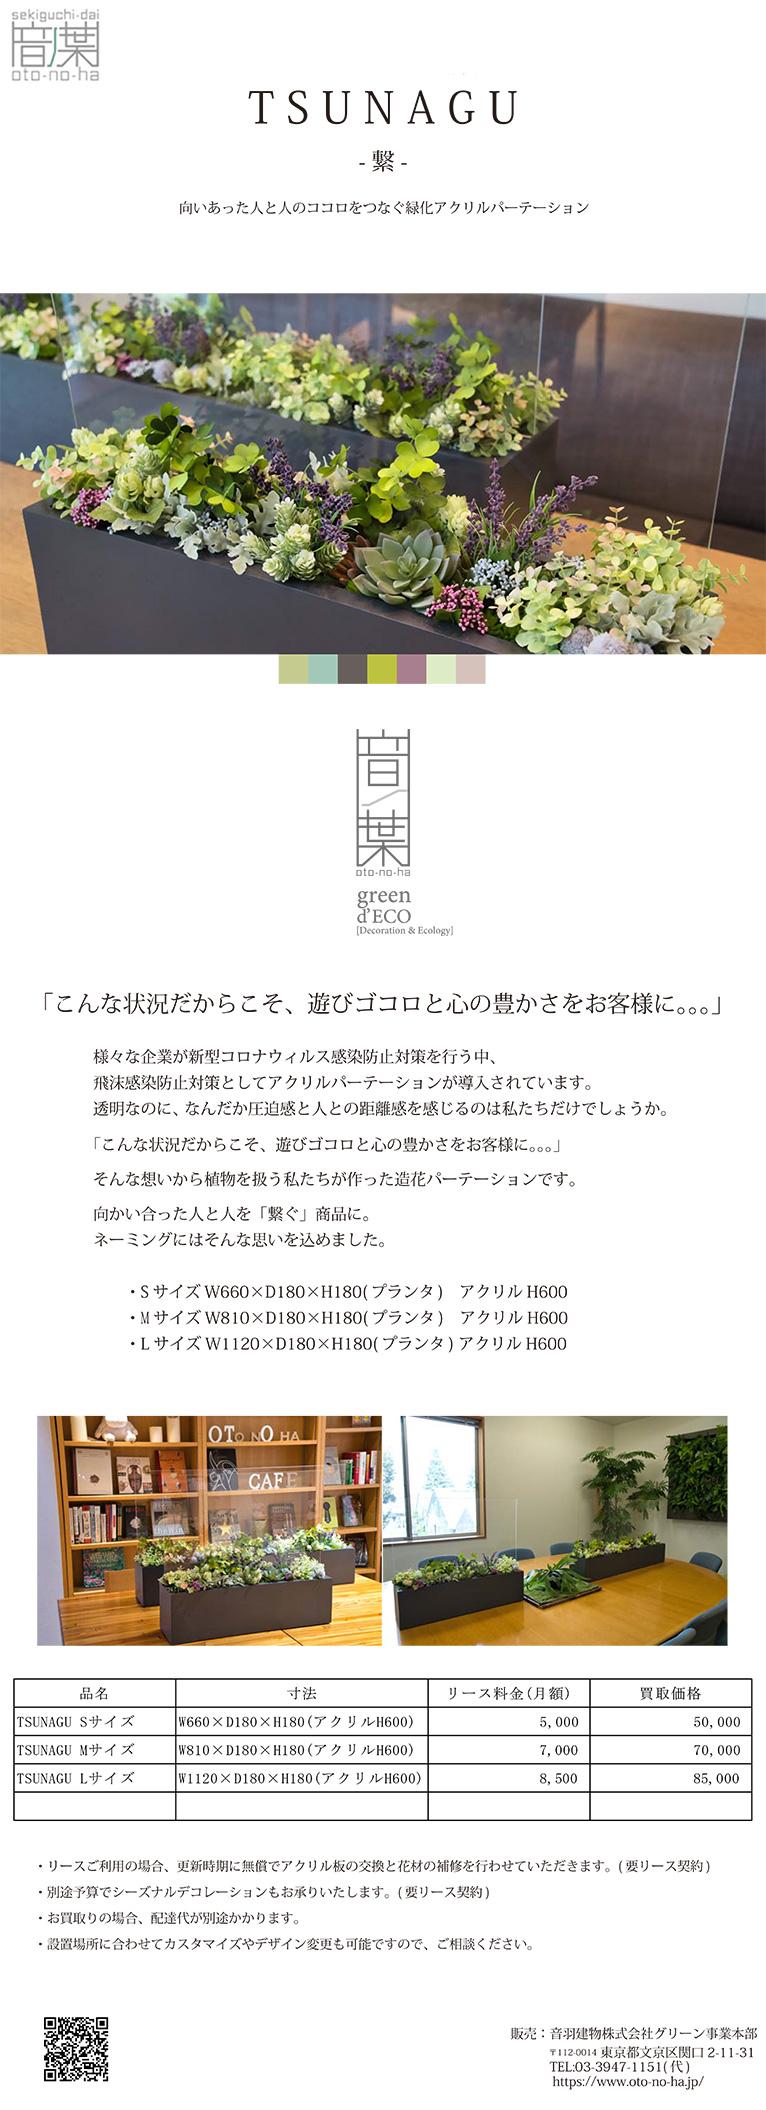 TSUNAGU -繋-(緑化アクリルパーテーション)音ノ葉 oto-no-ha